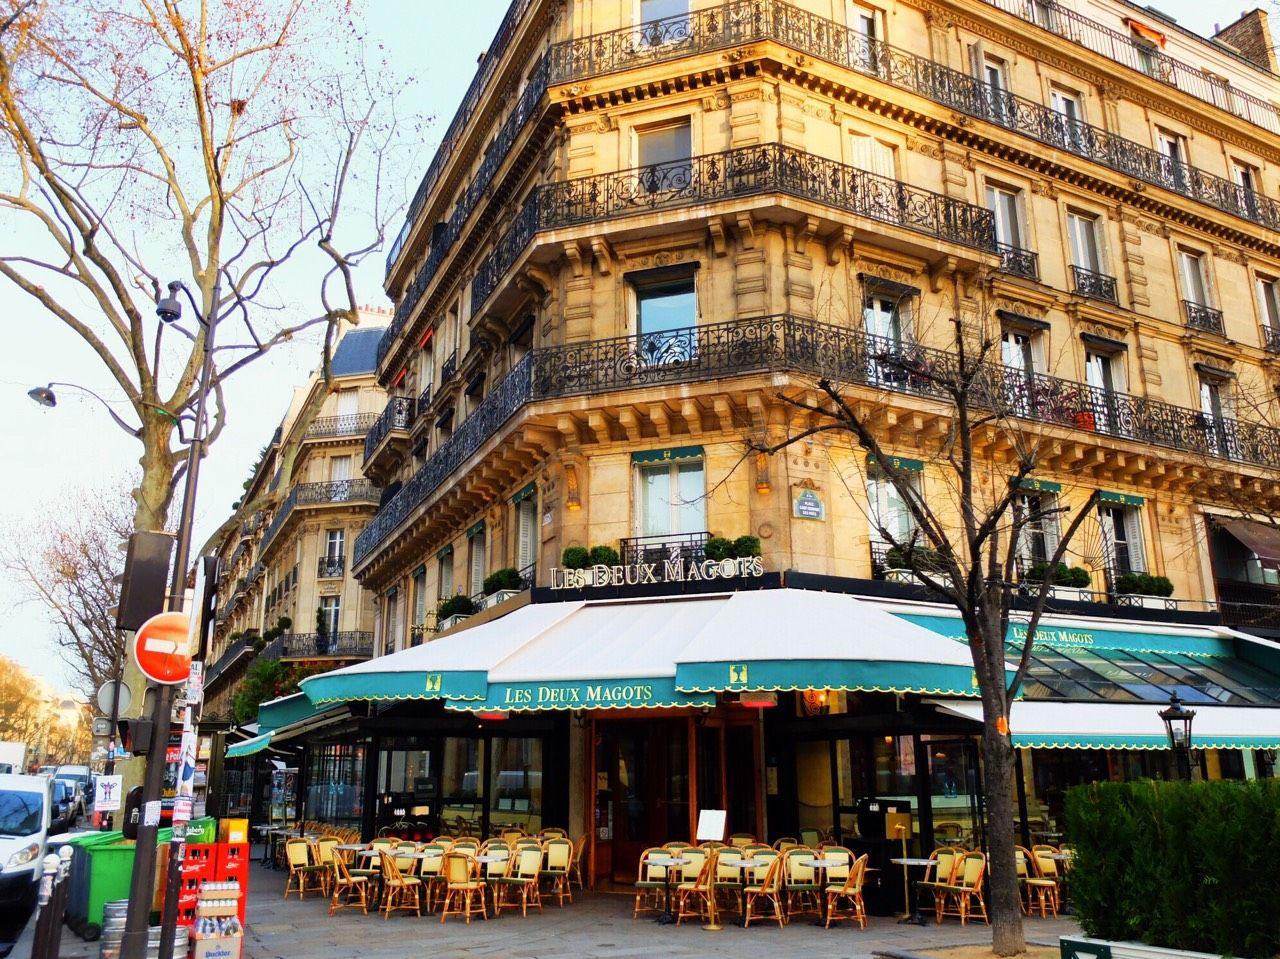 Cafe Les Deux Magots(カフェ レ・ドゥ・マゴ )